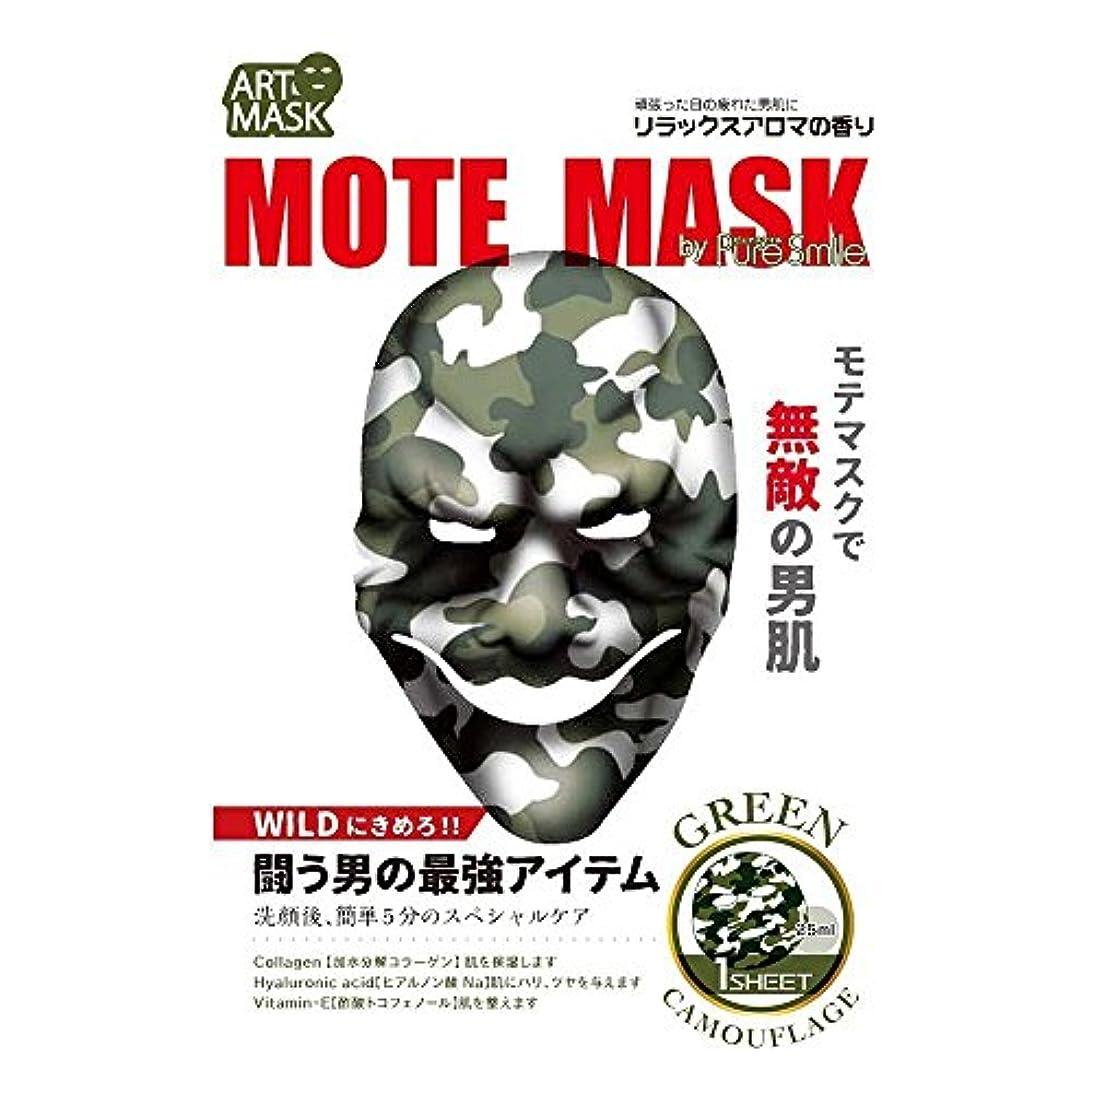 エジプト自治的プレフィックスピュアスマイル モテマスク ブラックカモフラージュ MA03 【クール】